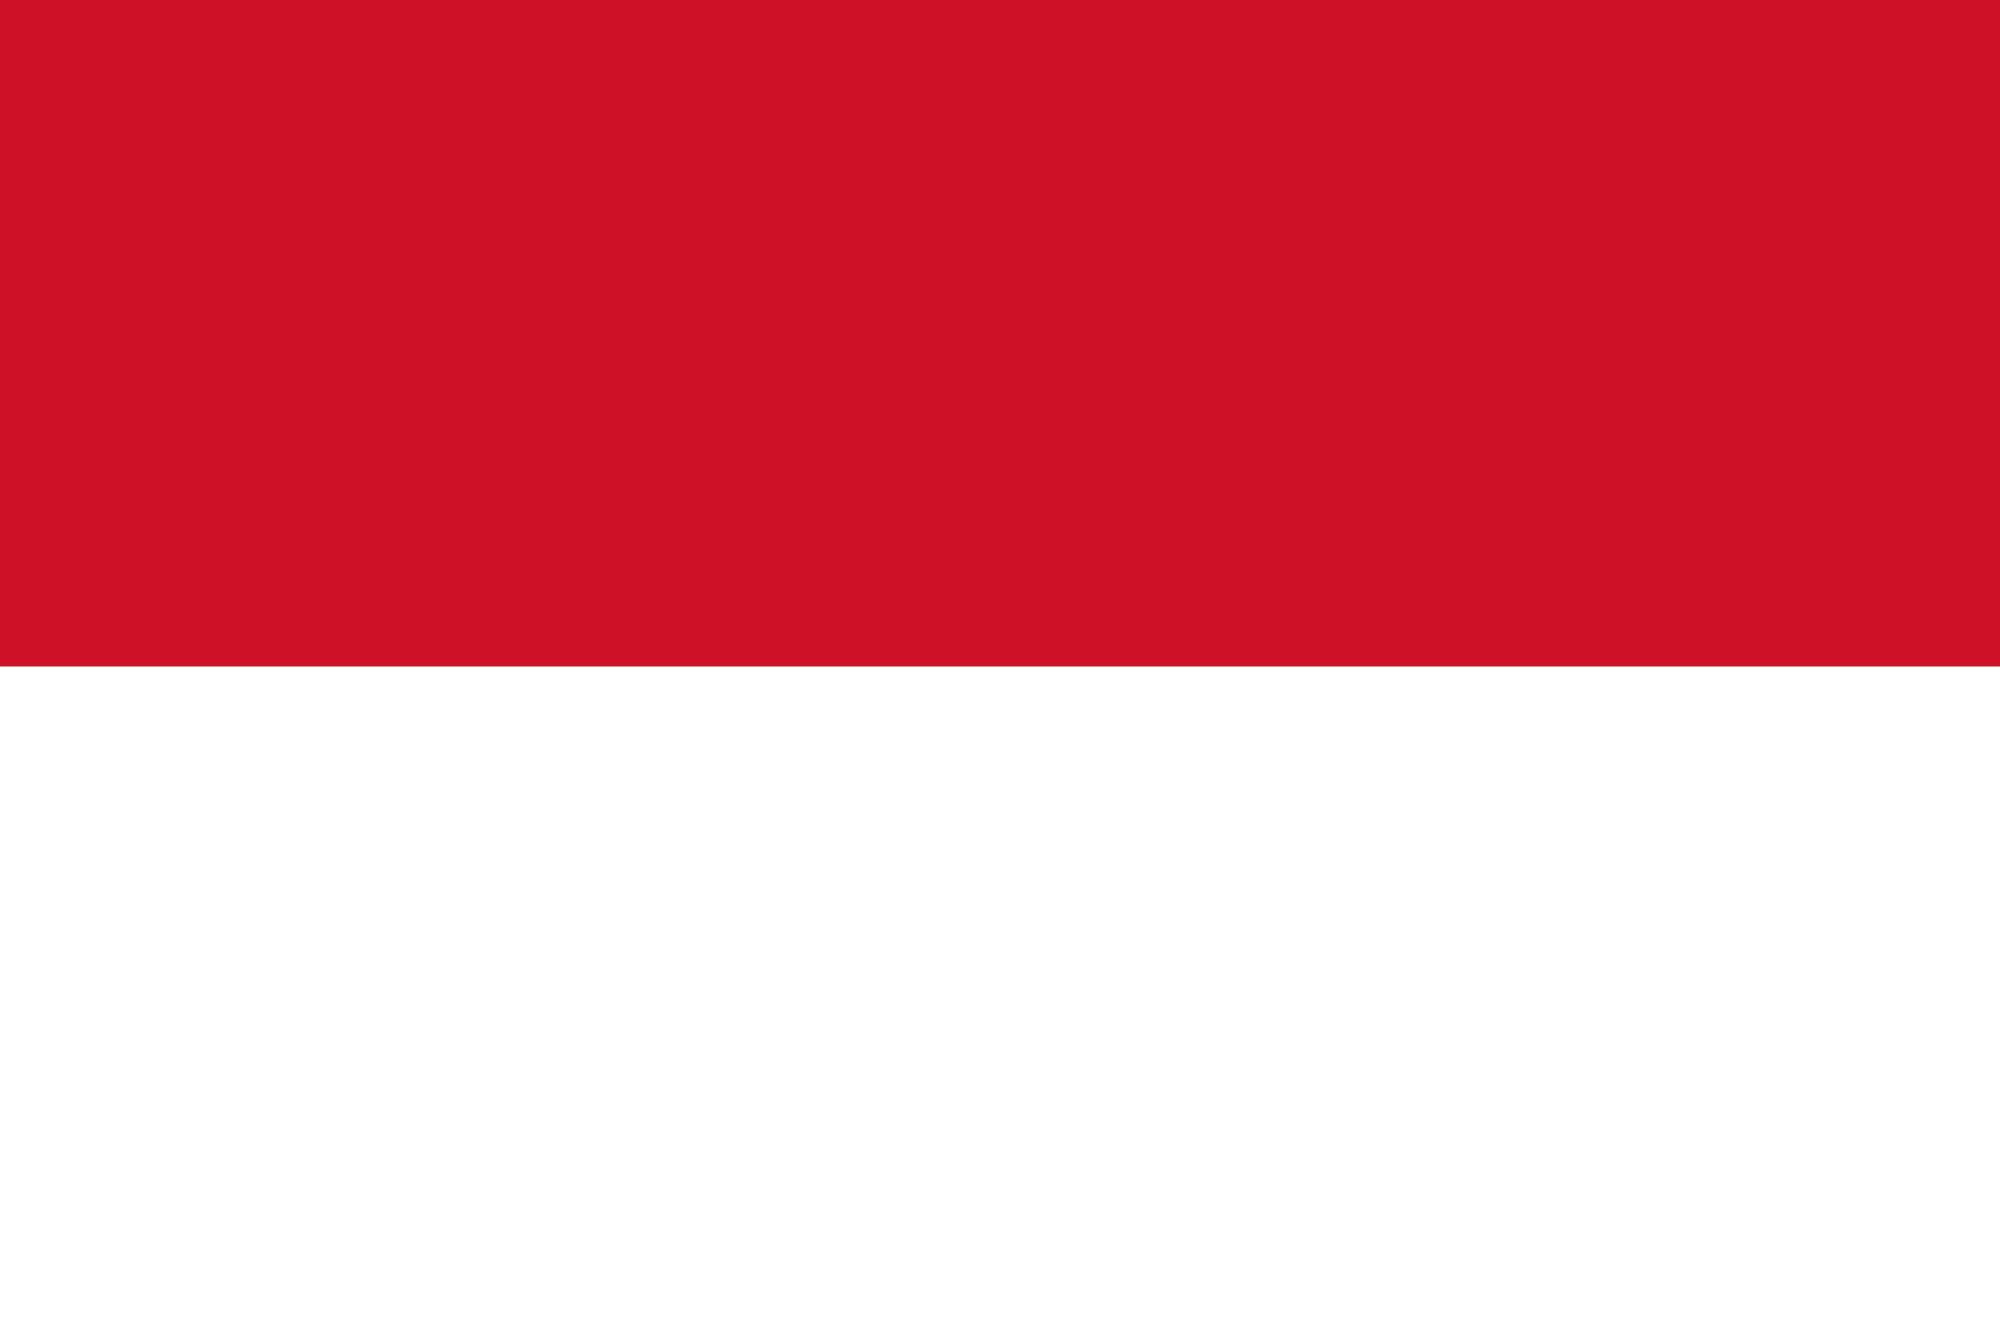 A Primeira Bandeira Do Brasil Republica bandeira da indonésia • bandeiras do mundo